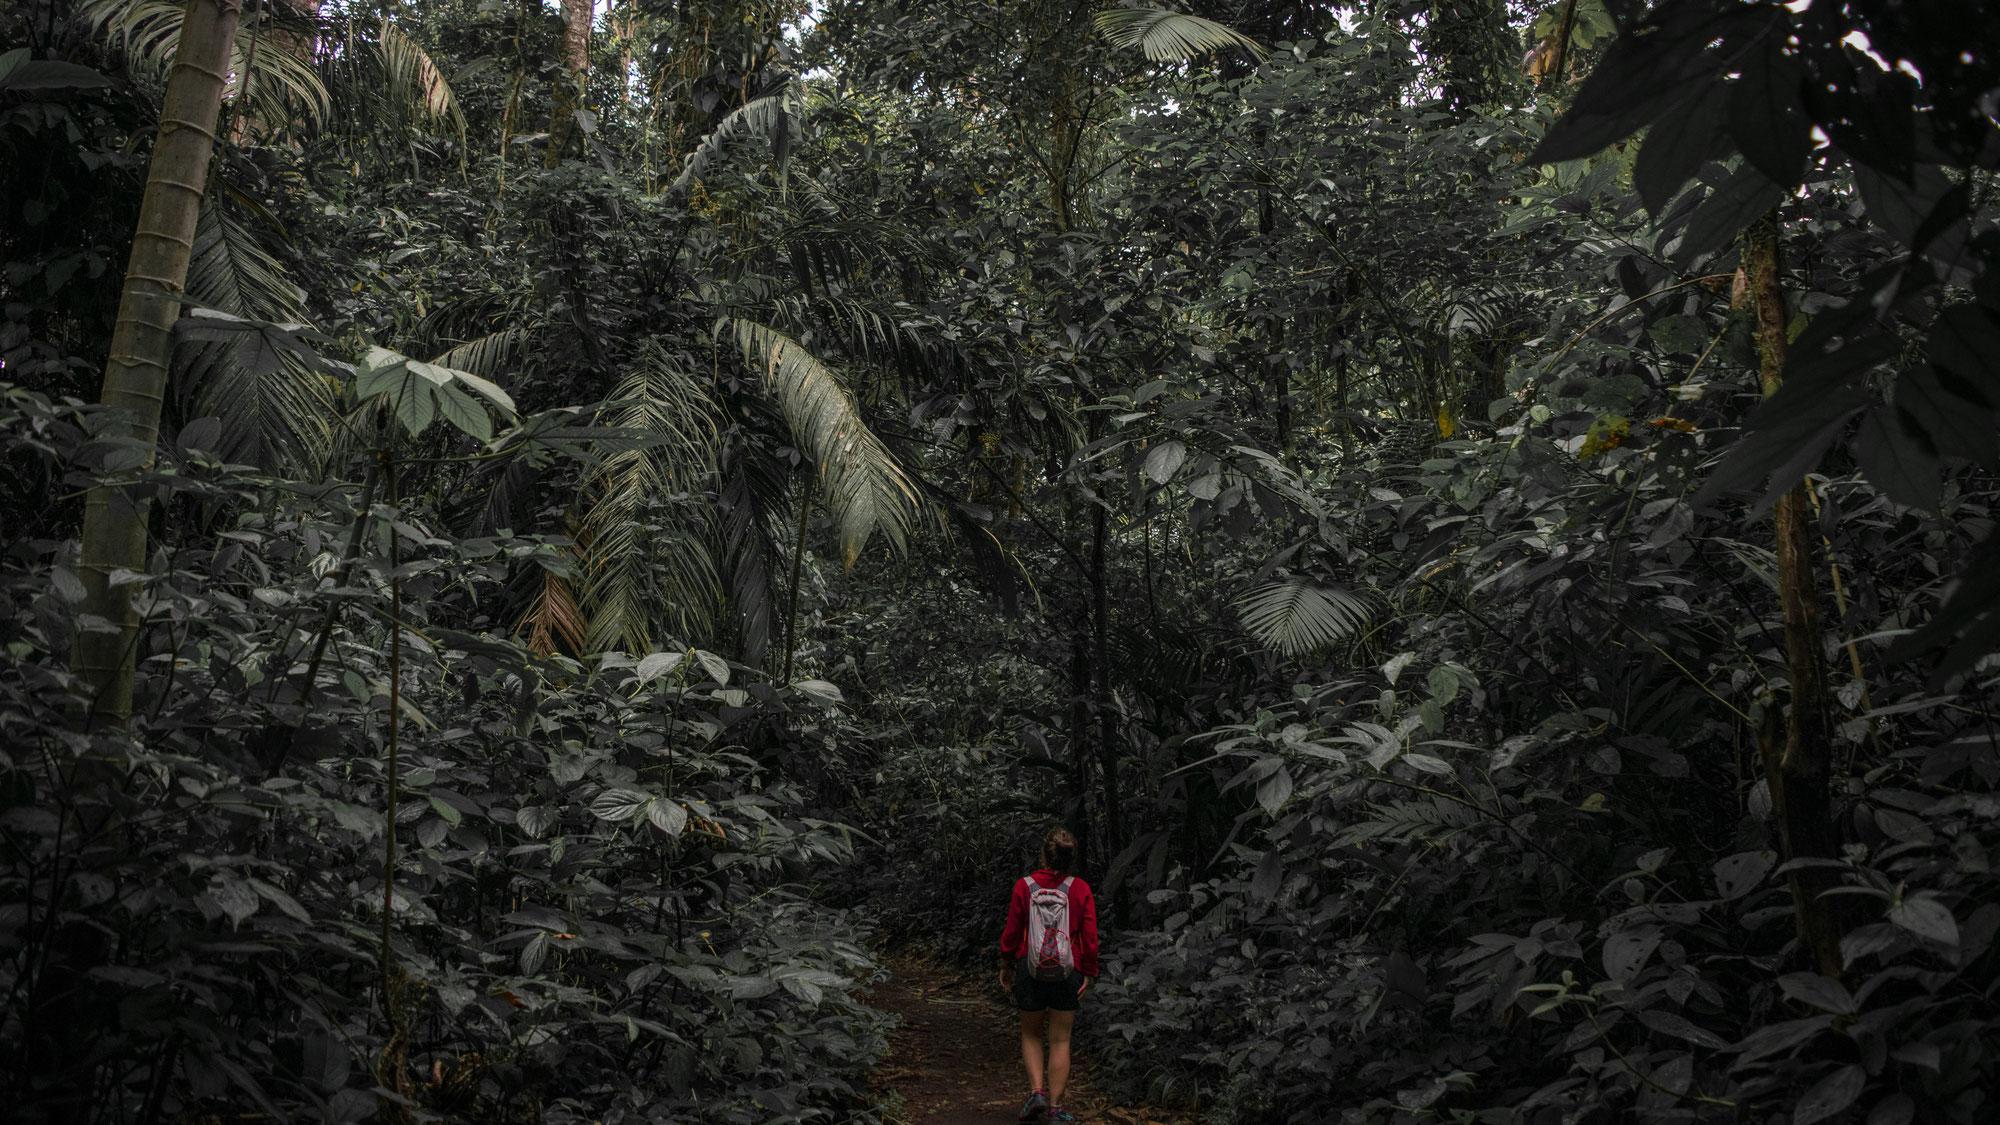 Mettersi in viaggio senza conoscere bene le regole  è  come entrare in una giungla senza la bussola.